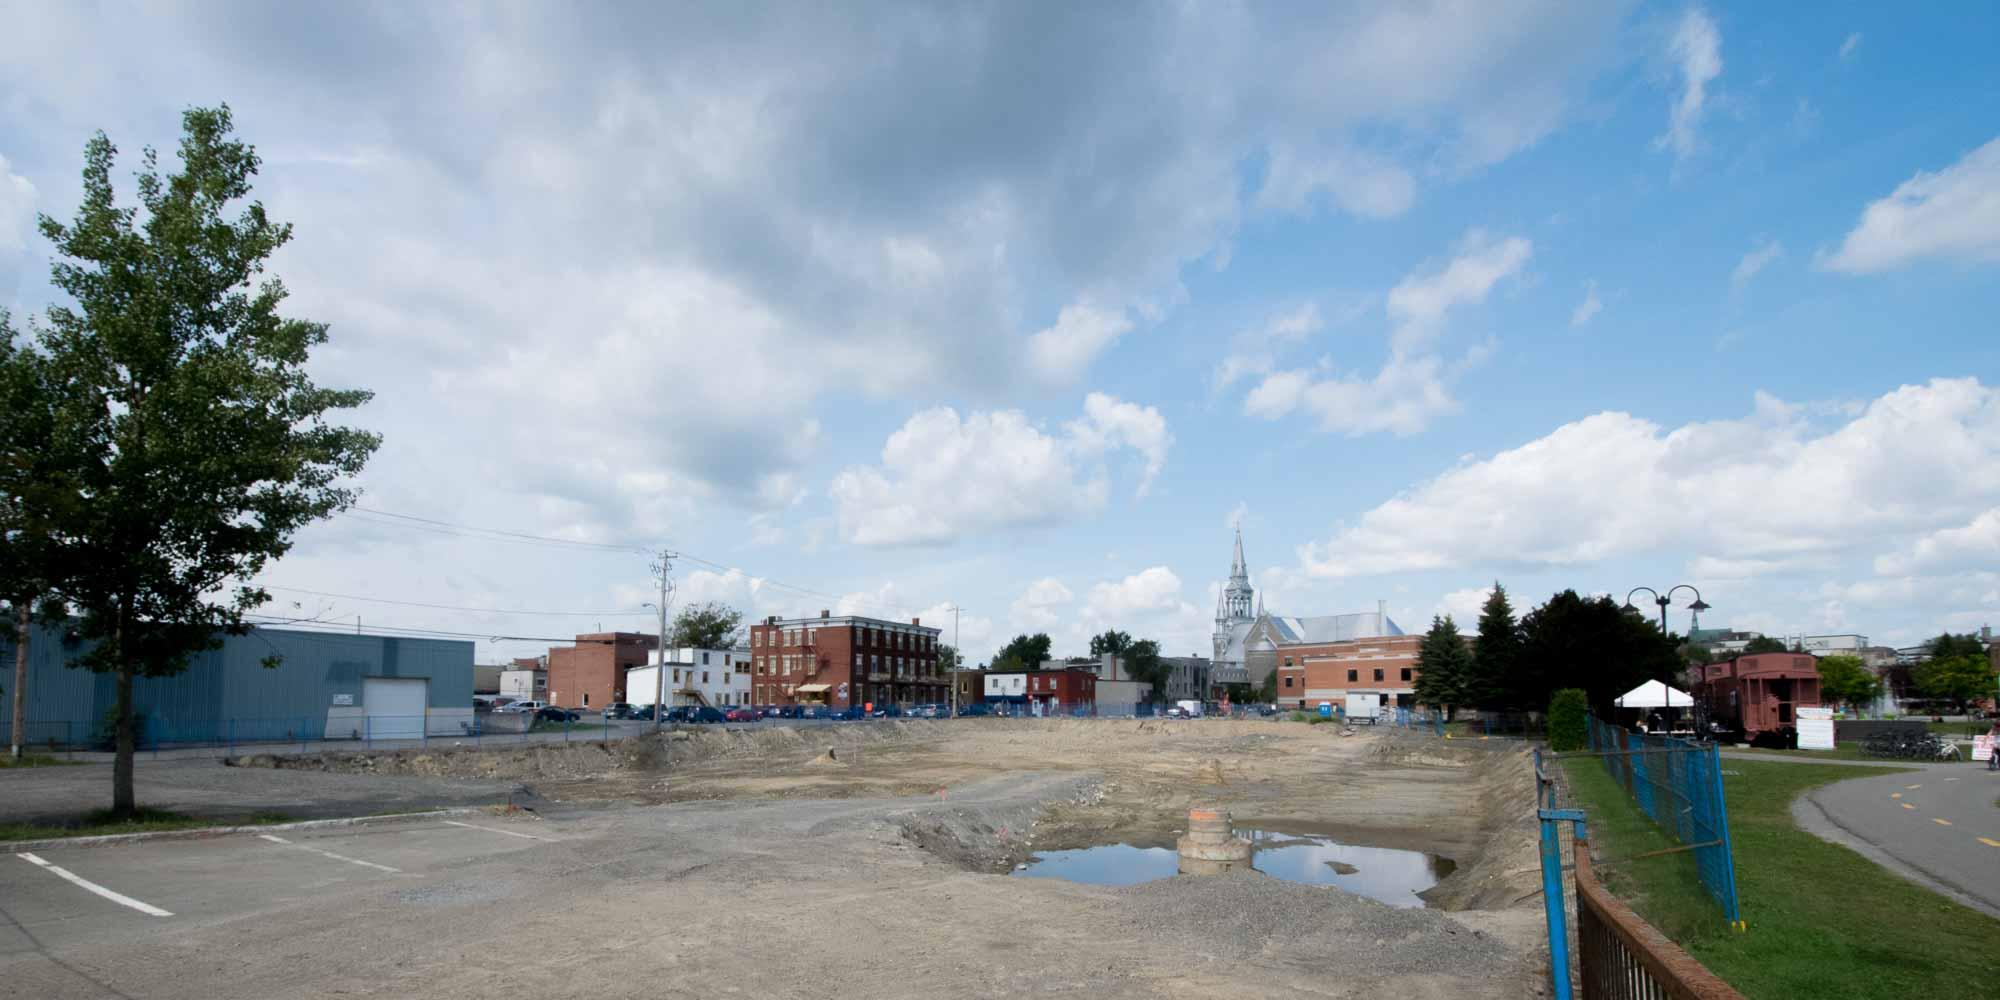 C'est dans cet espace que sera construit la nouvelle salle de spectacle de Saint-Jérôme, une réalisation de Construction demathieu & bard.